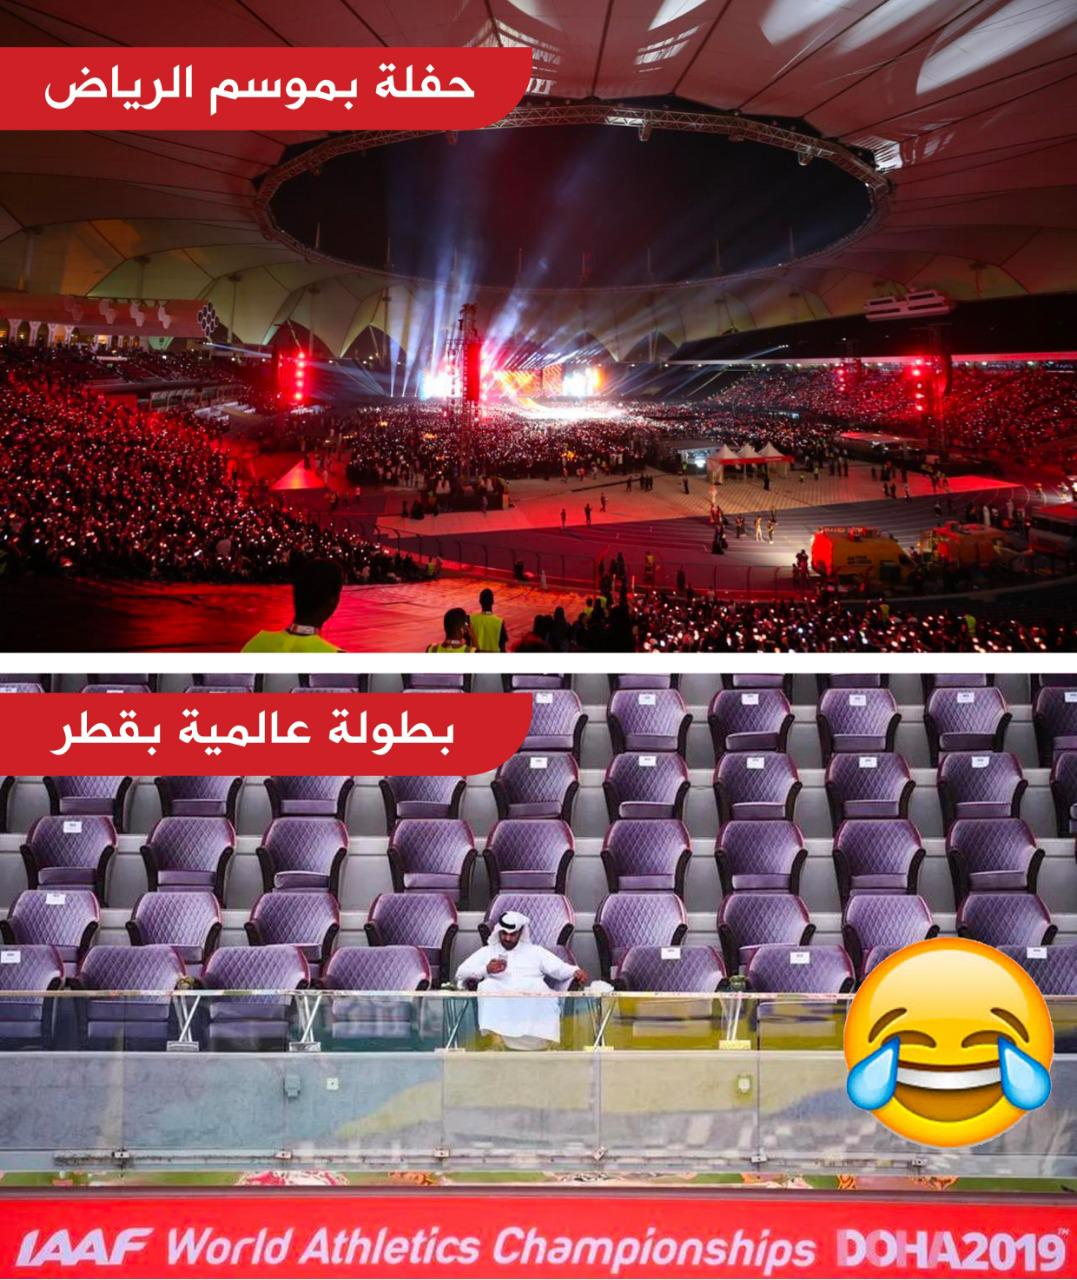 الفرق بطولة عالمية في #قطر و حدث واحد في #موسم_الرياض